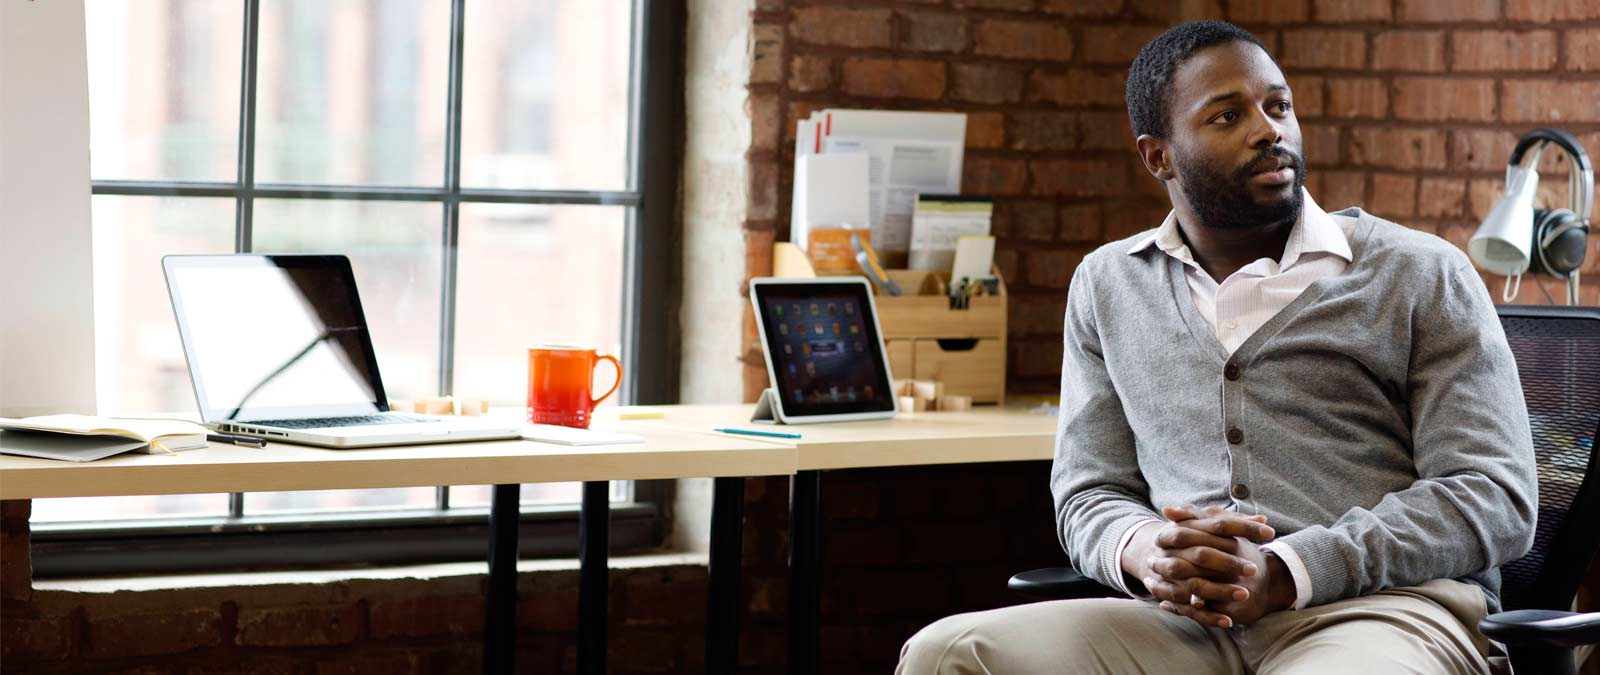 Muškarac koji sedi za stolom sa tabletom i laptopom i koristi Office 365 Business Premium.